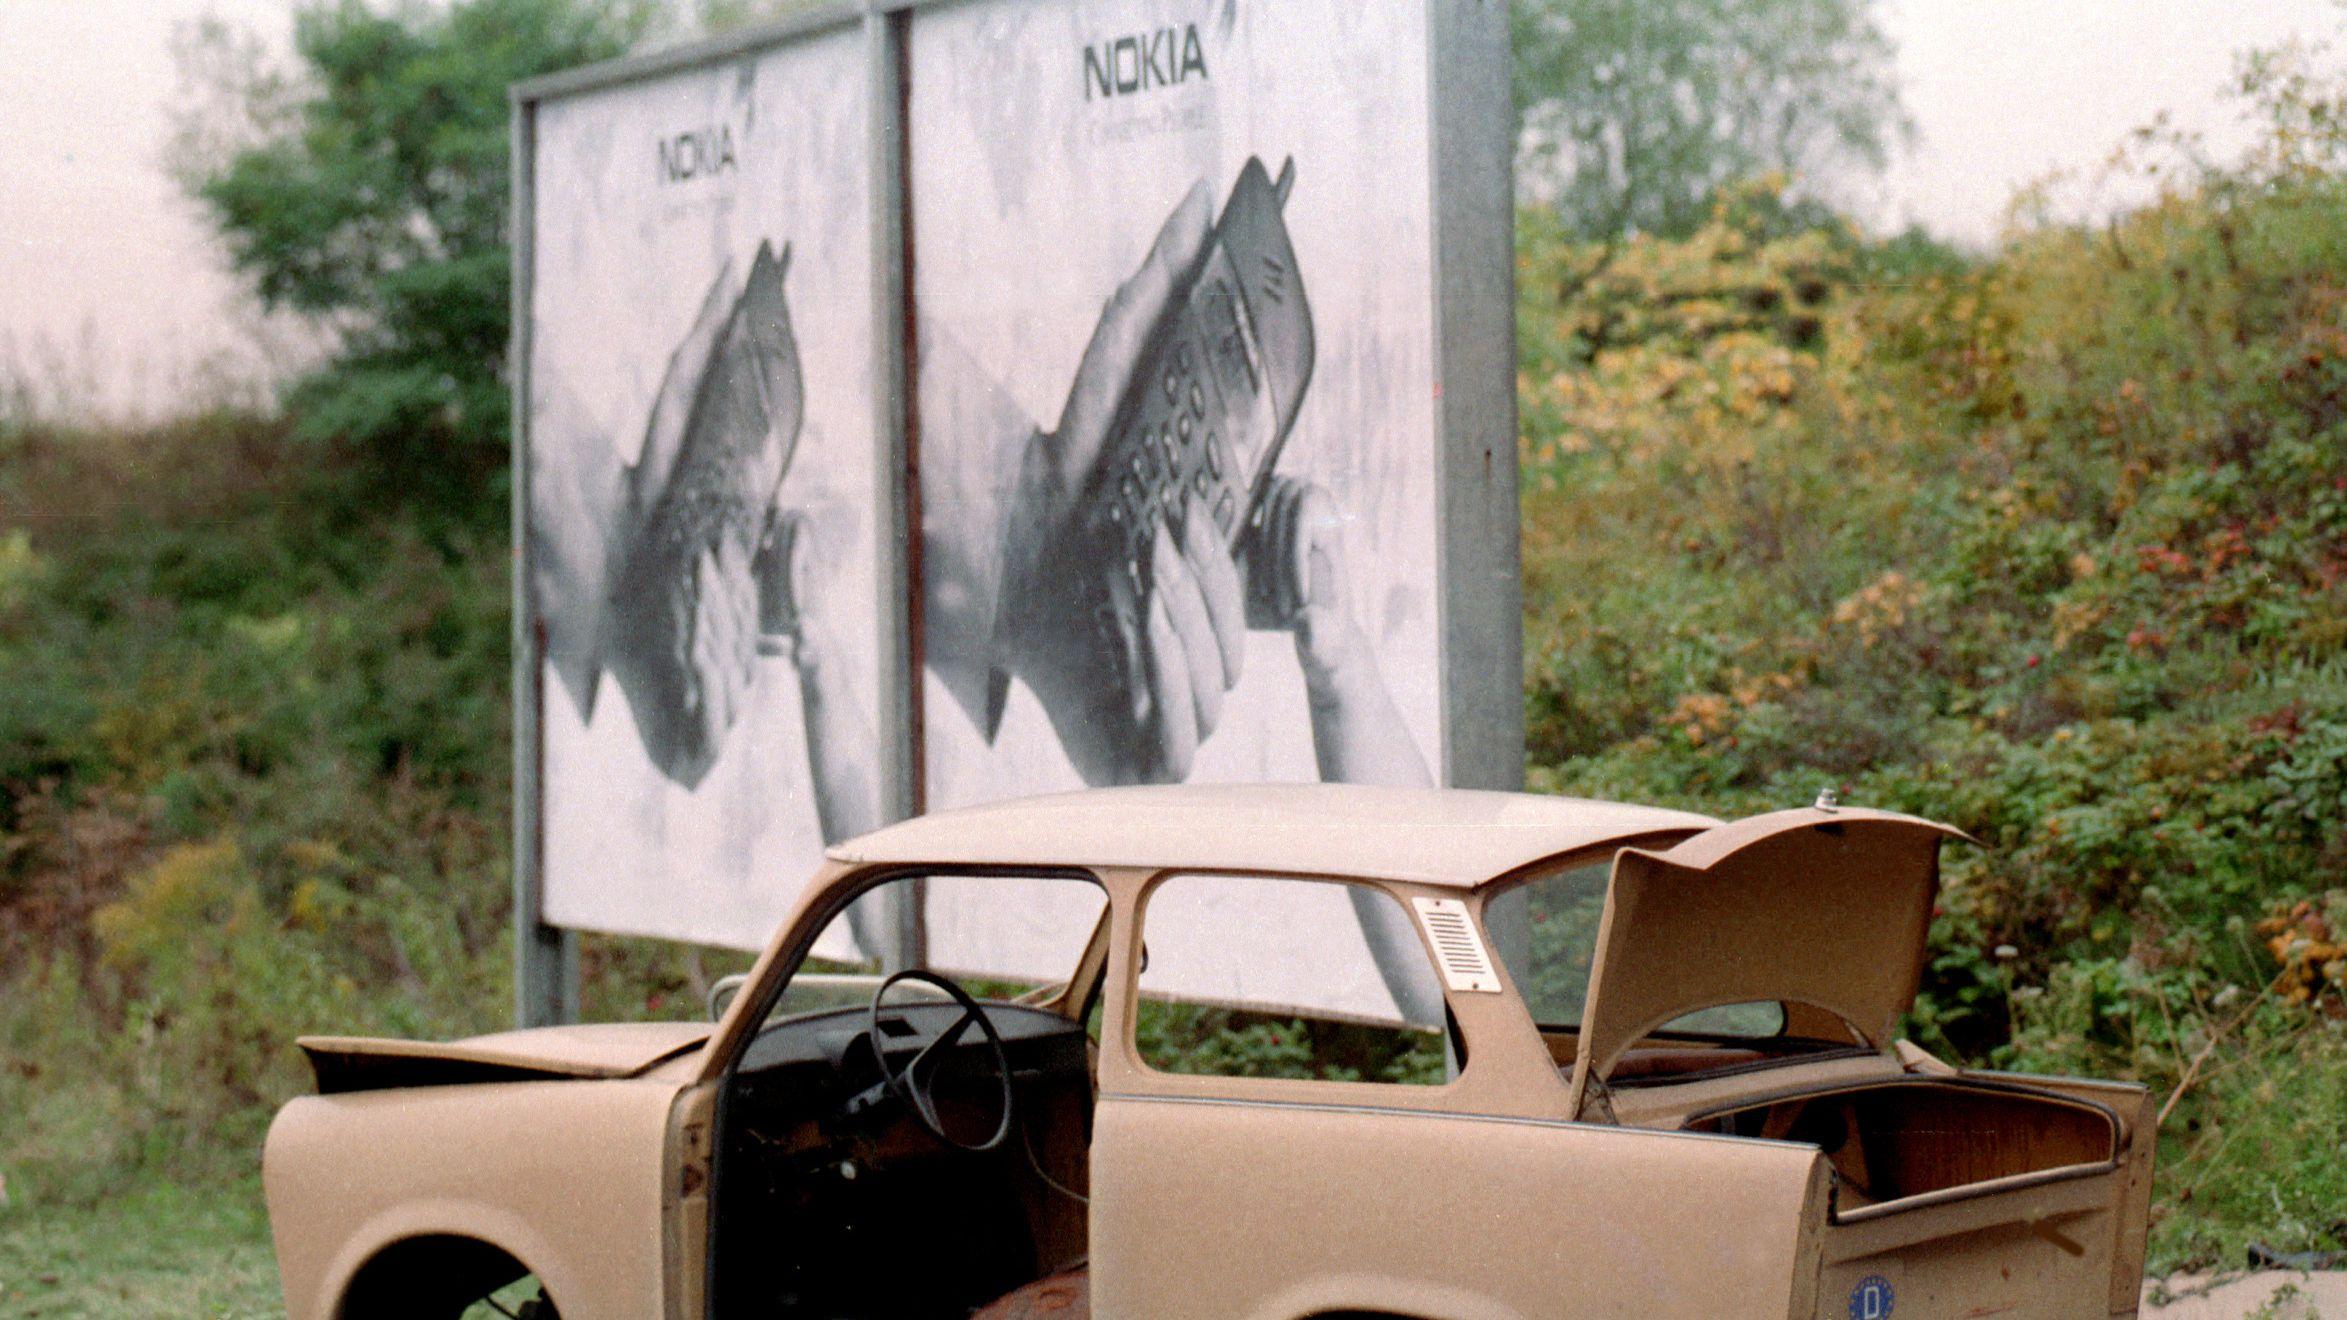 Ost-Berlin 1991: Trabbi-Karosserie vor Handy-Werbung